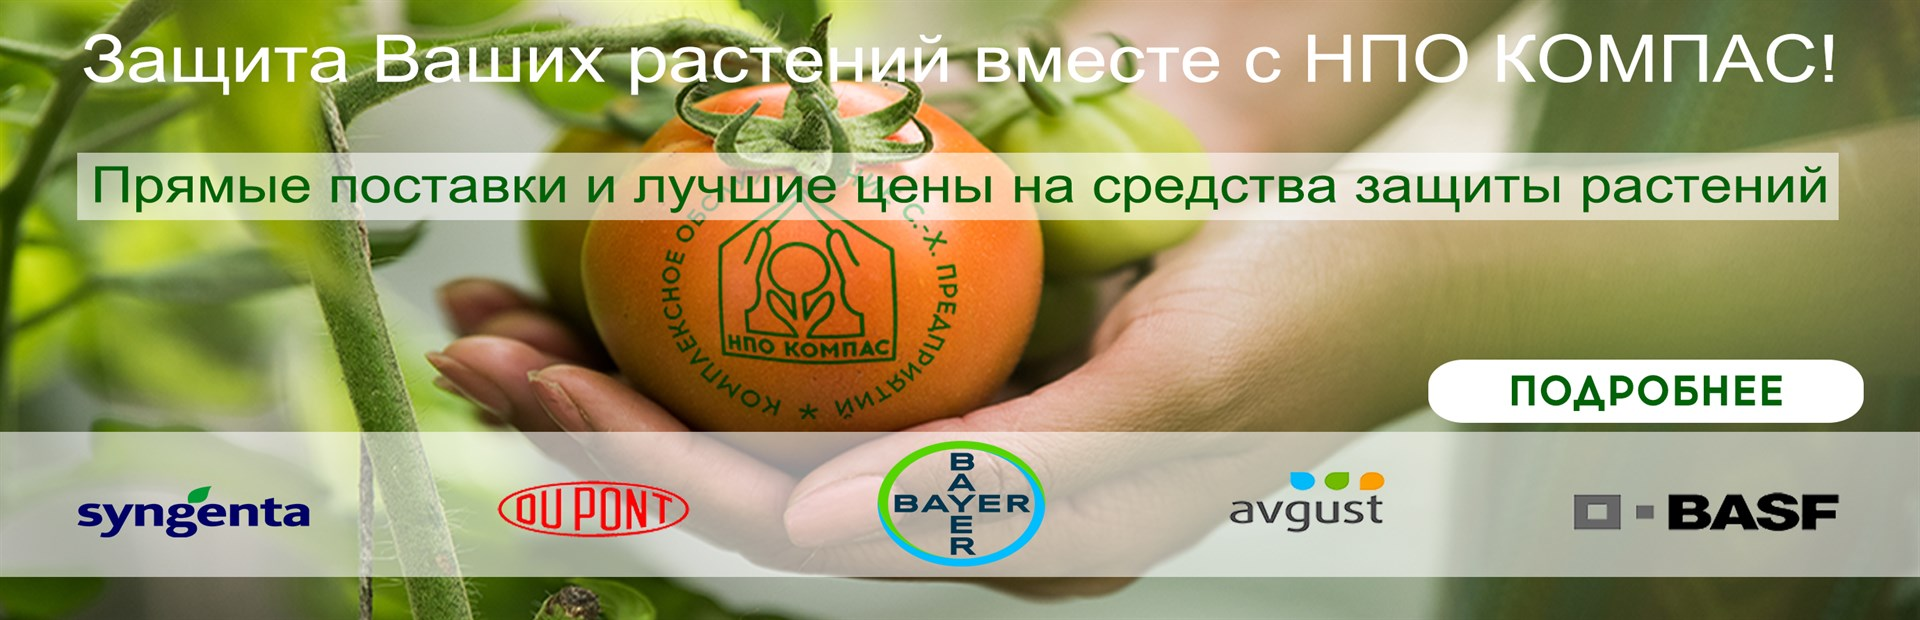 """Баннер """"Средства защиты растений"""""""